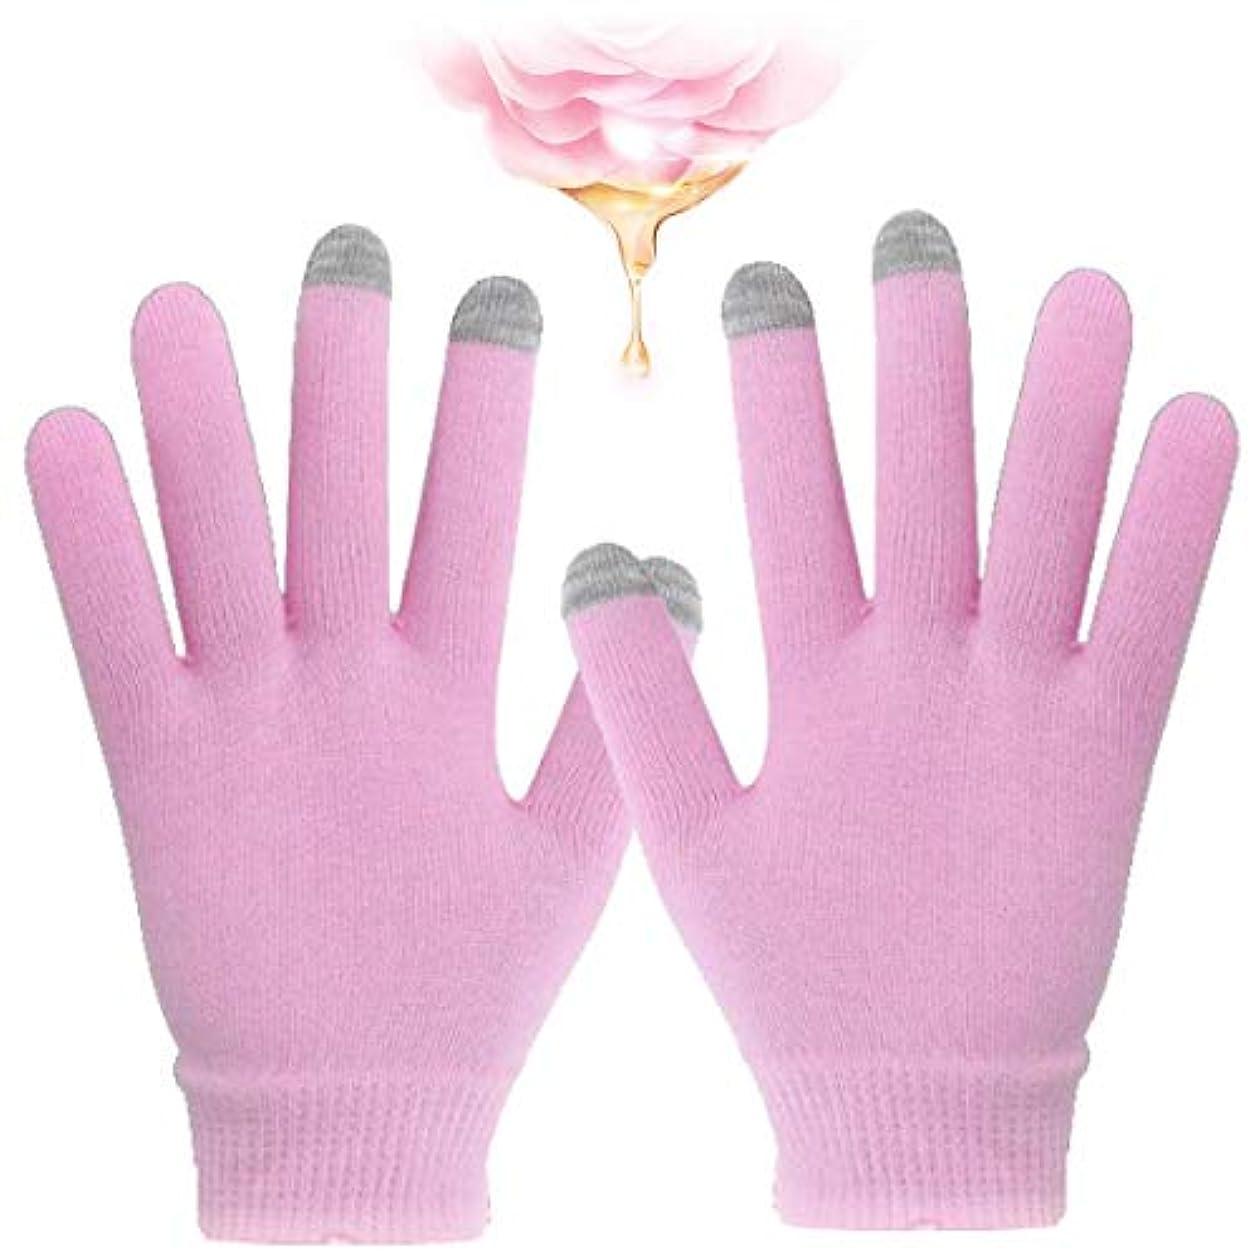 ハンドケア 手袋 スマホ対応 手袋 ゲル 保湿 美容成分配合 手荒れ 対策 おやすみ スキンケア グローブ うるおい 保護 タブレット